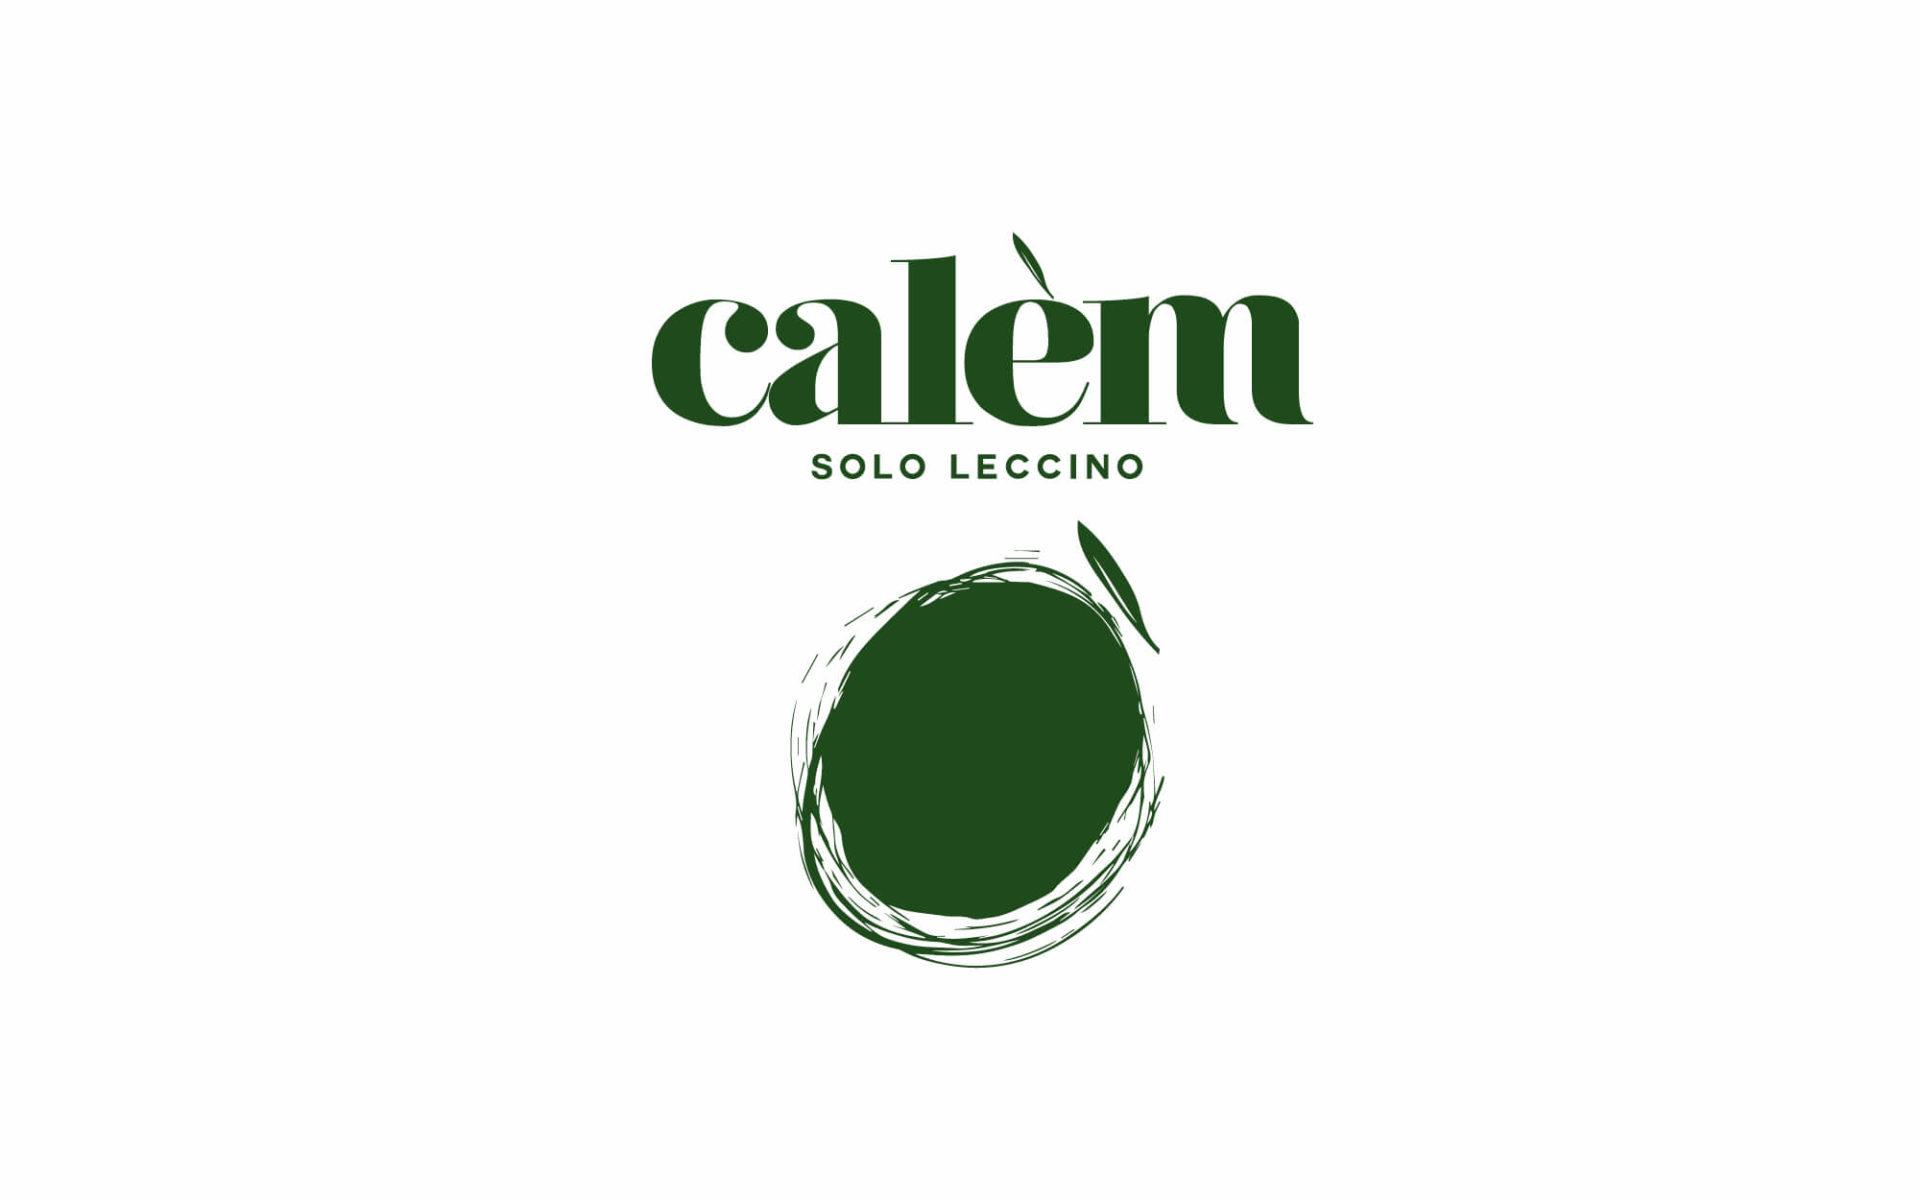 studio del marchio e etichetta olio calem, progetto grafico diadestudio agenzia grafica arco trento